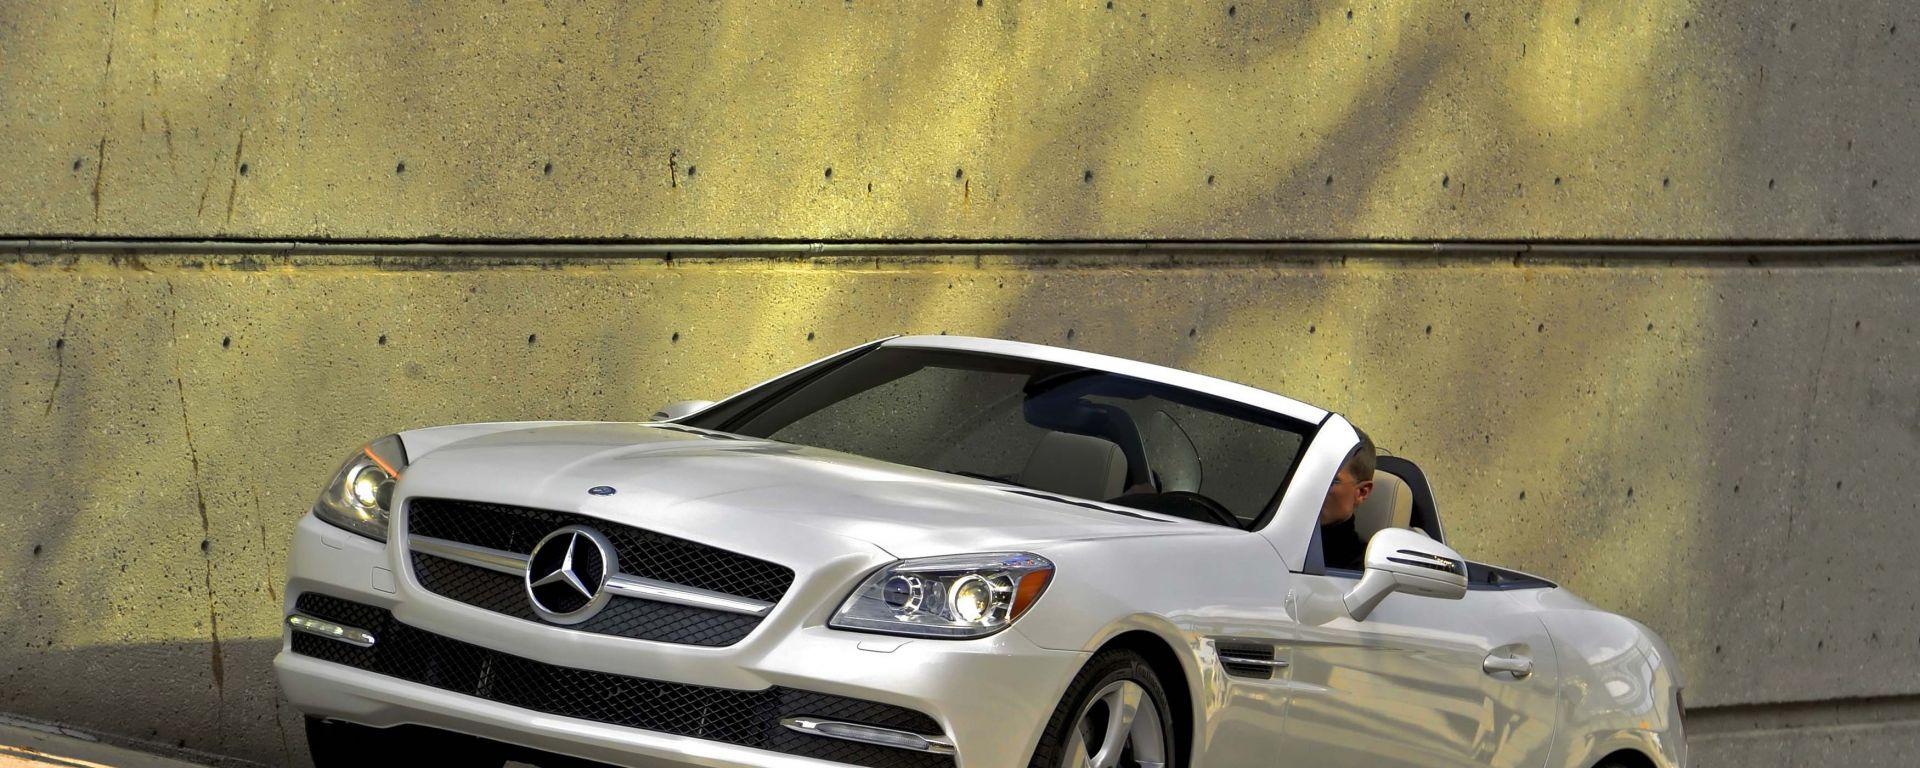 La Mercedes SLK 2011 in 66 nuove immagini in HD